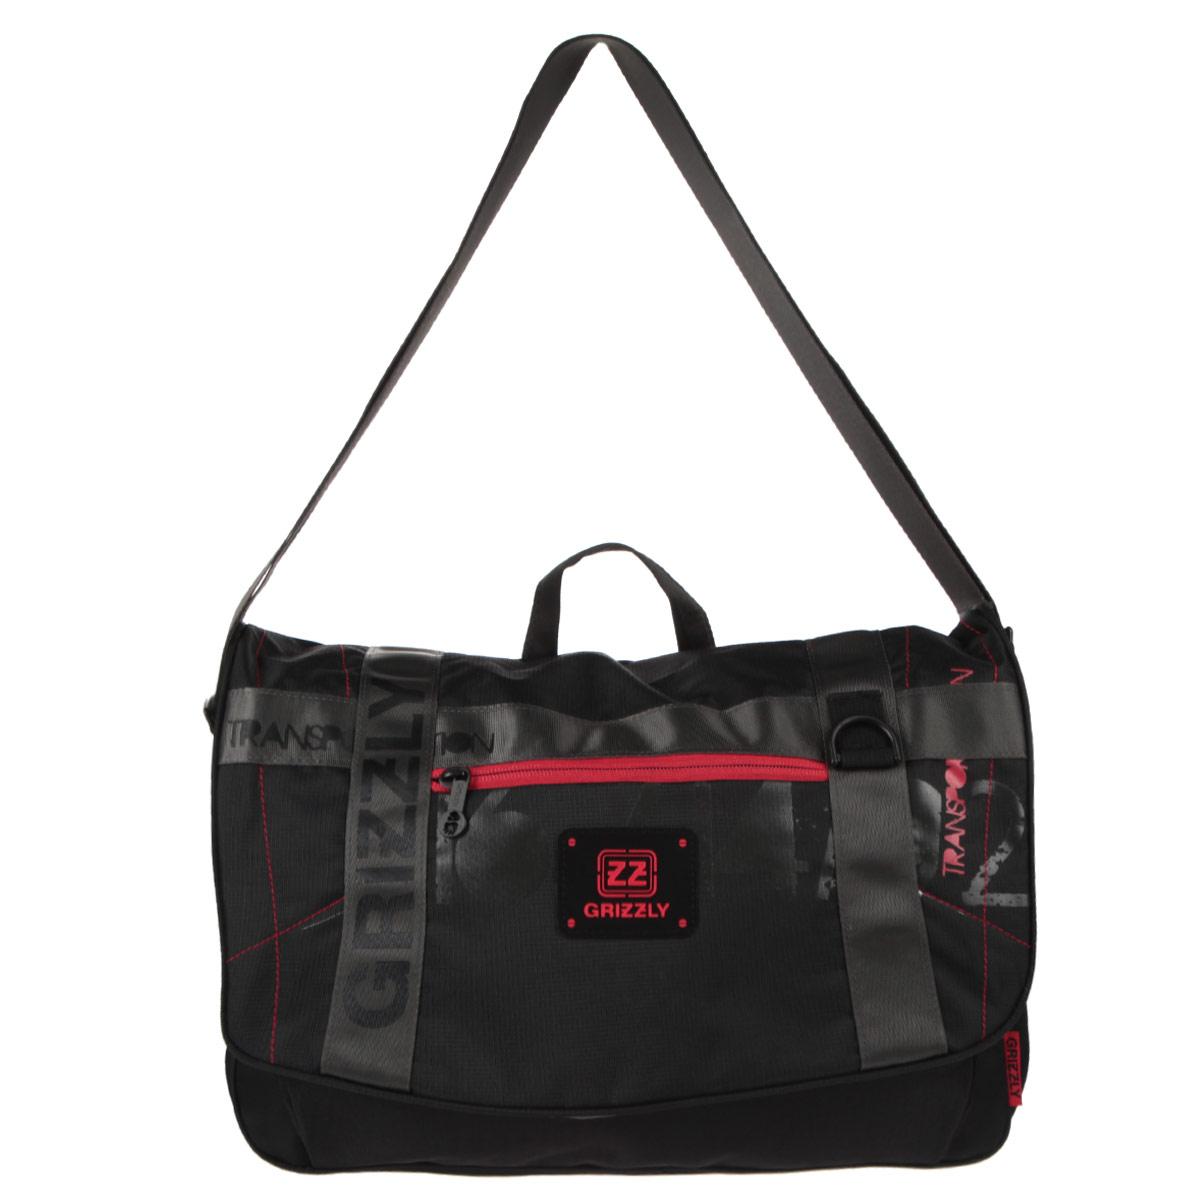 Grizzly Сумка школьная цвет черный красный72523WDСумка молодежная наплечная с одним отделением, передними, боковыми, задним и внутренними карманами, ручкой для переноски и регулируемым плечевым ремнем